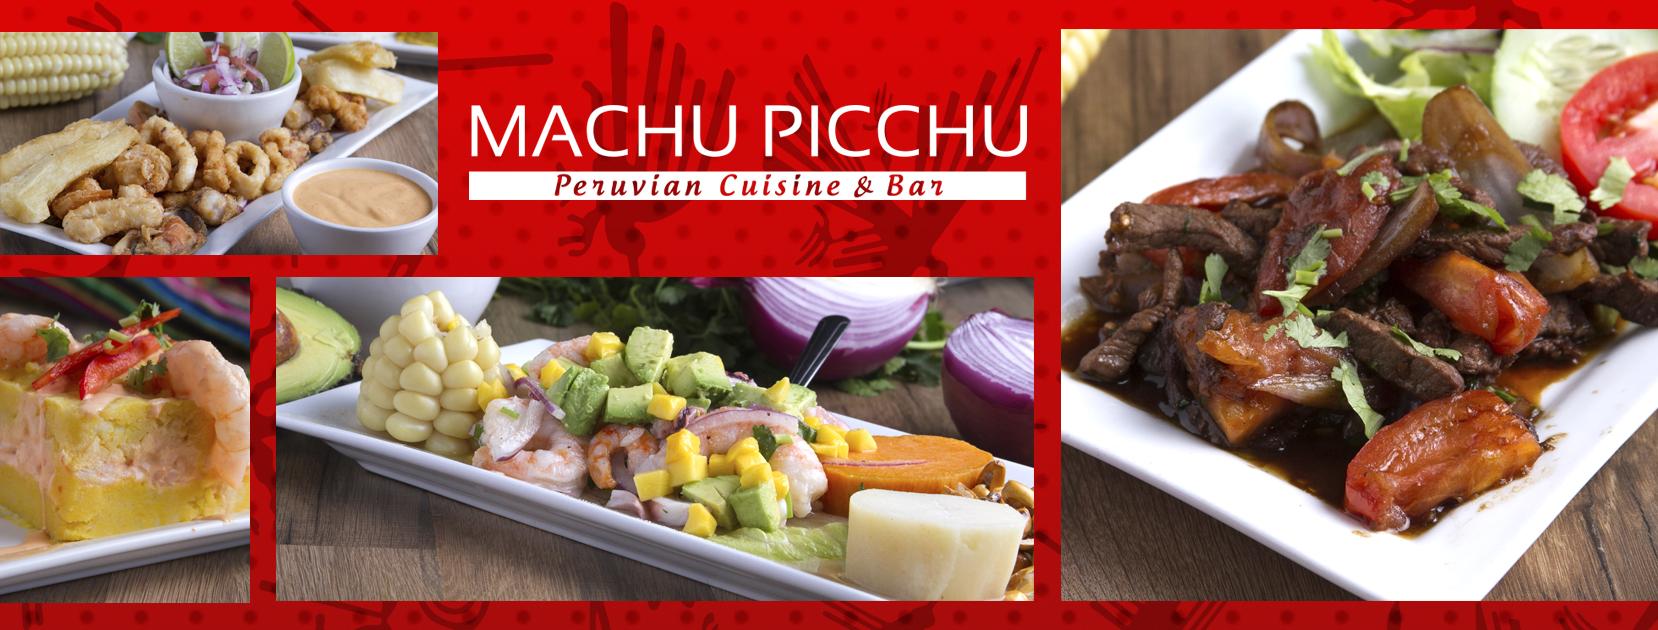 Machupicchu best peruvian restaurant charlotte nc for Authentic peruvian cuisine